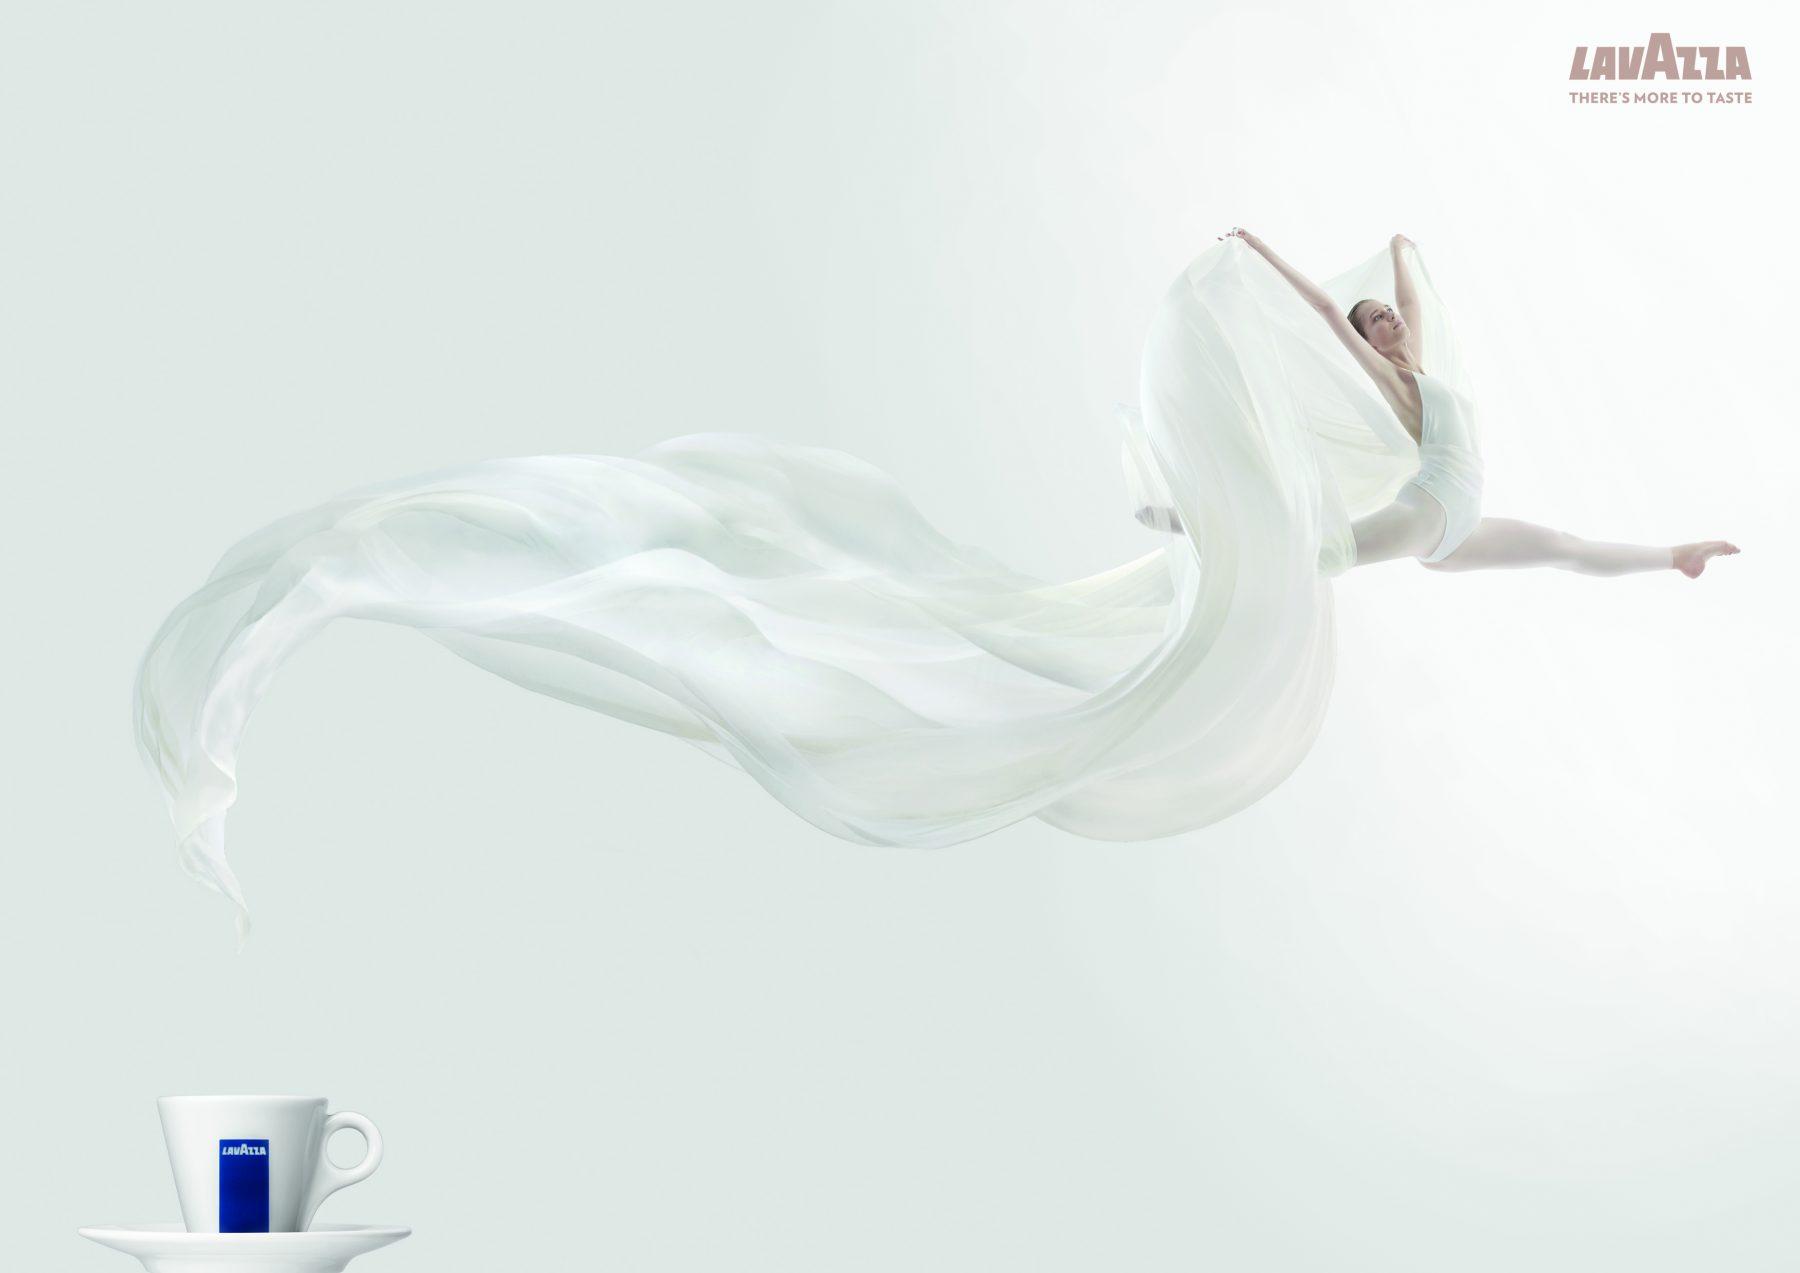 Aroma ballerina